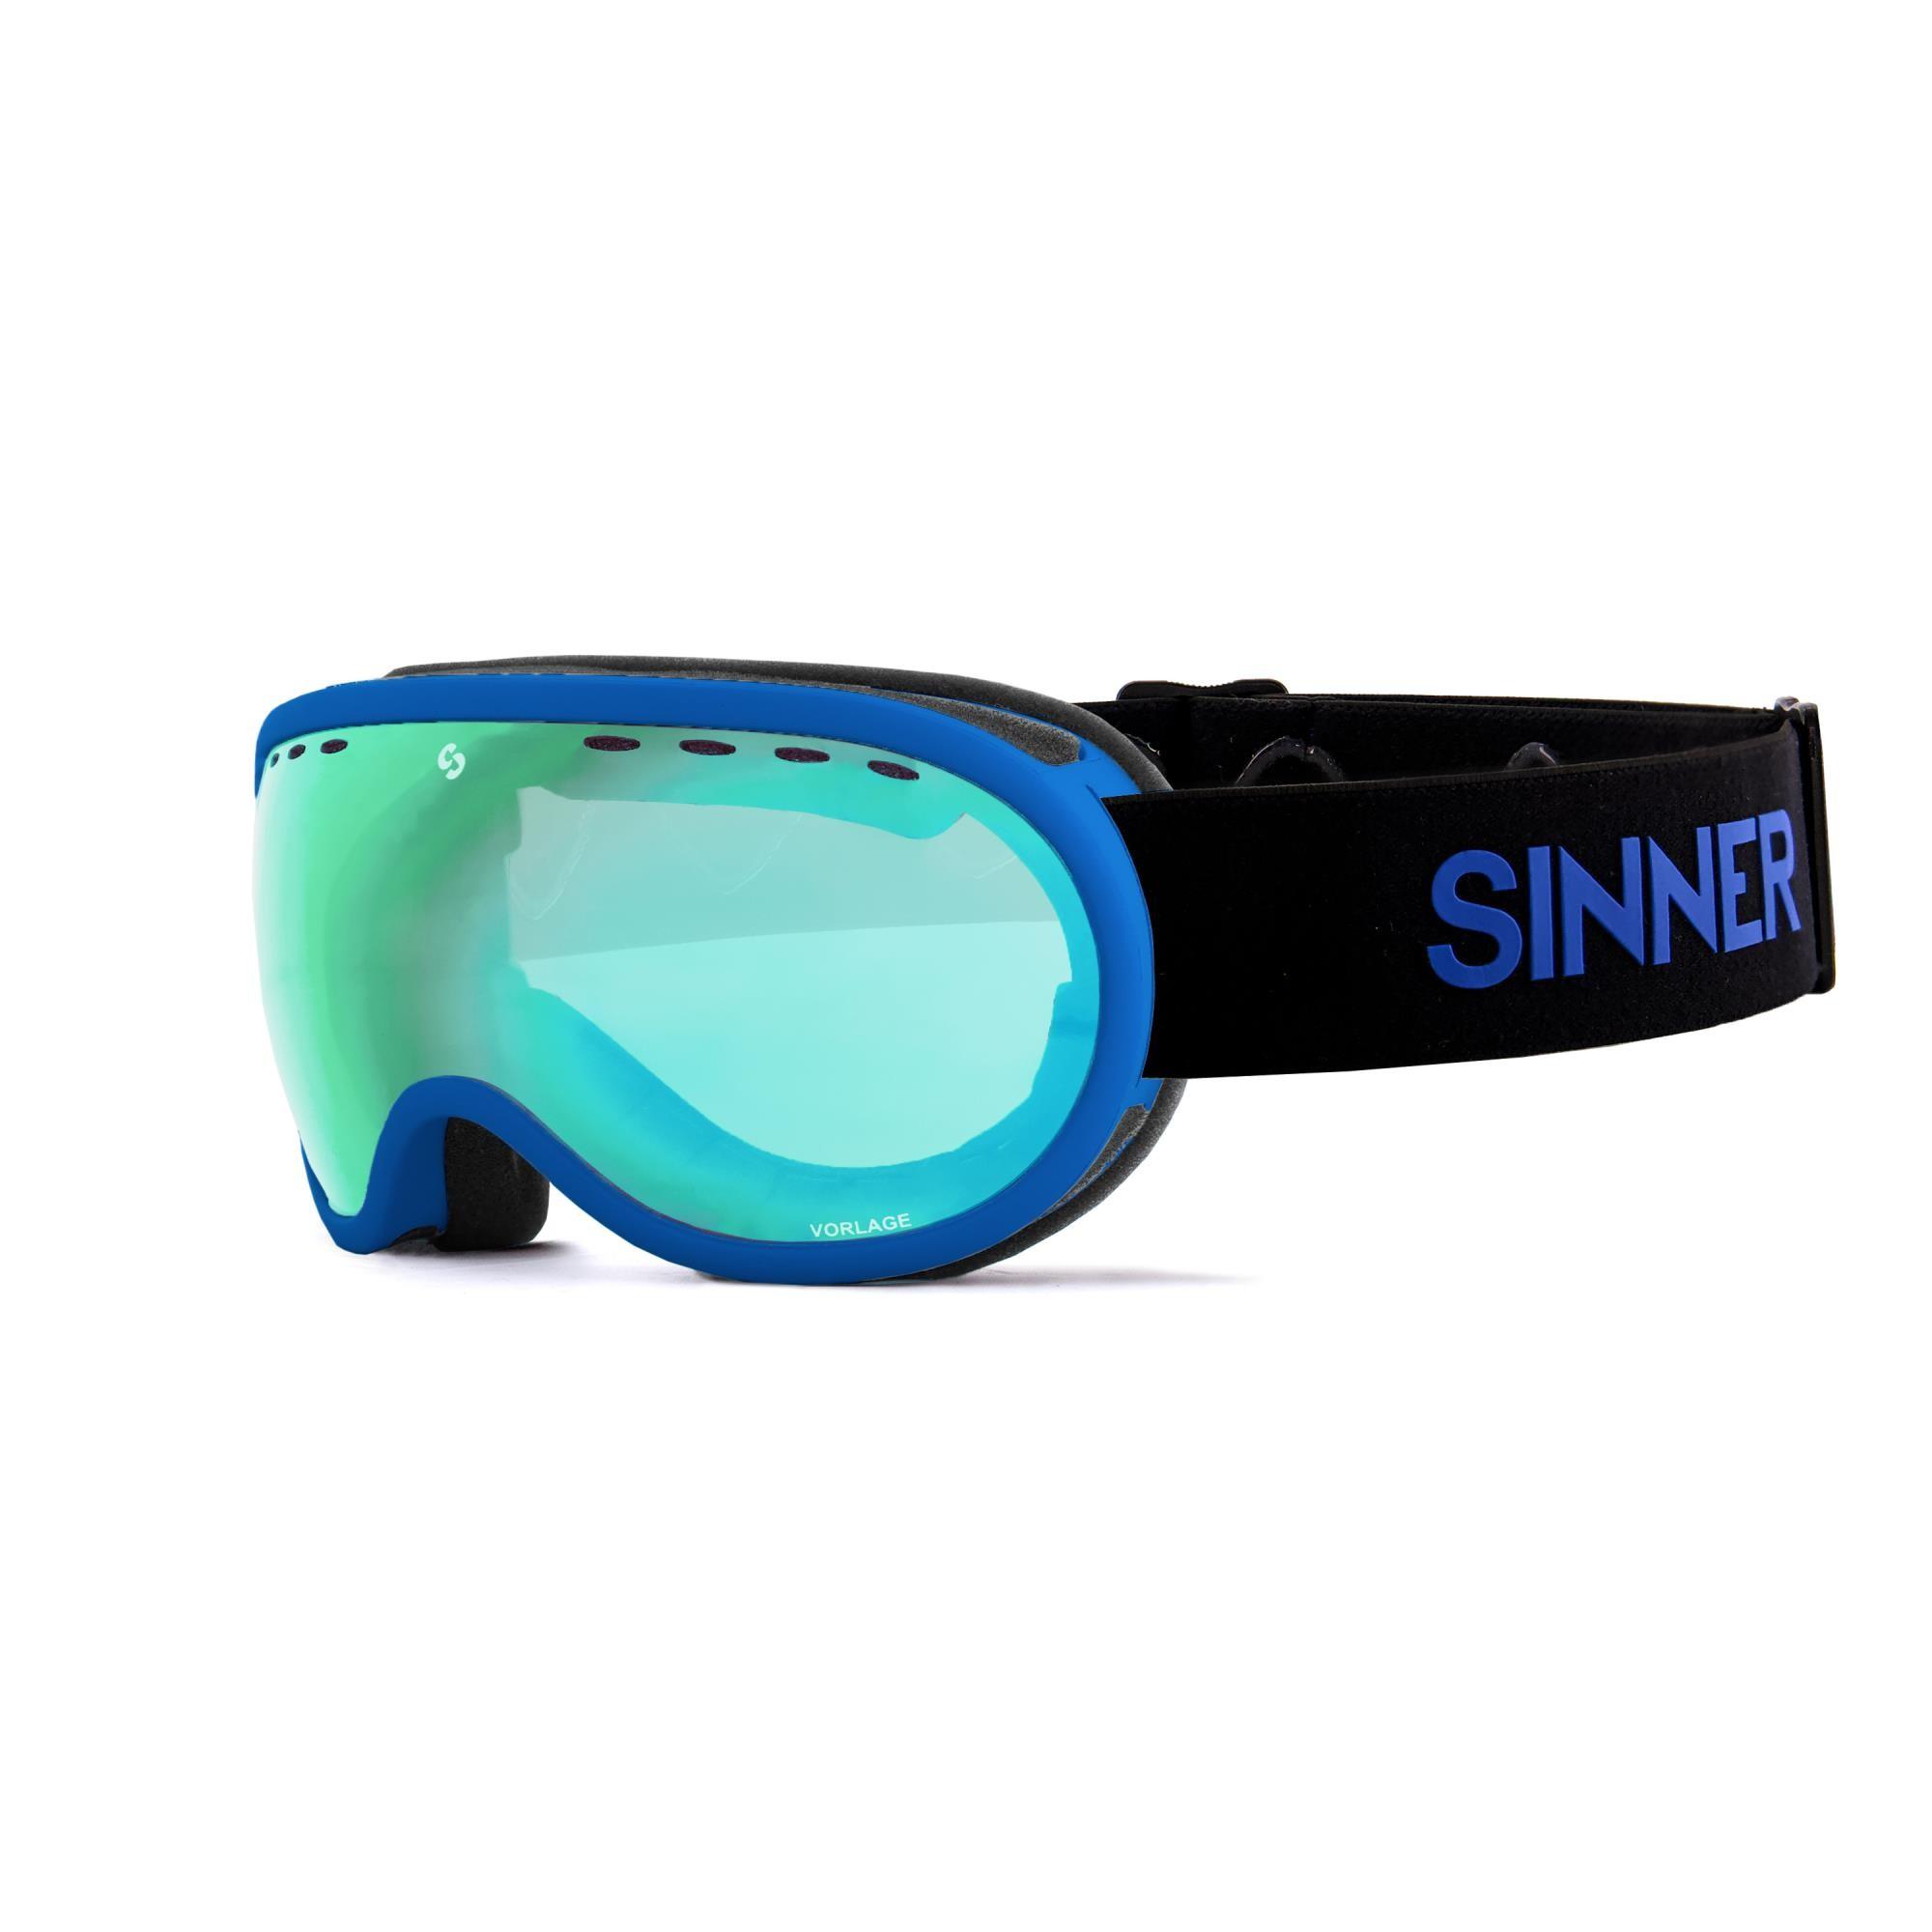 Sinner Vorlage Skibril - Mat Groen - Groene Spiegellens